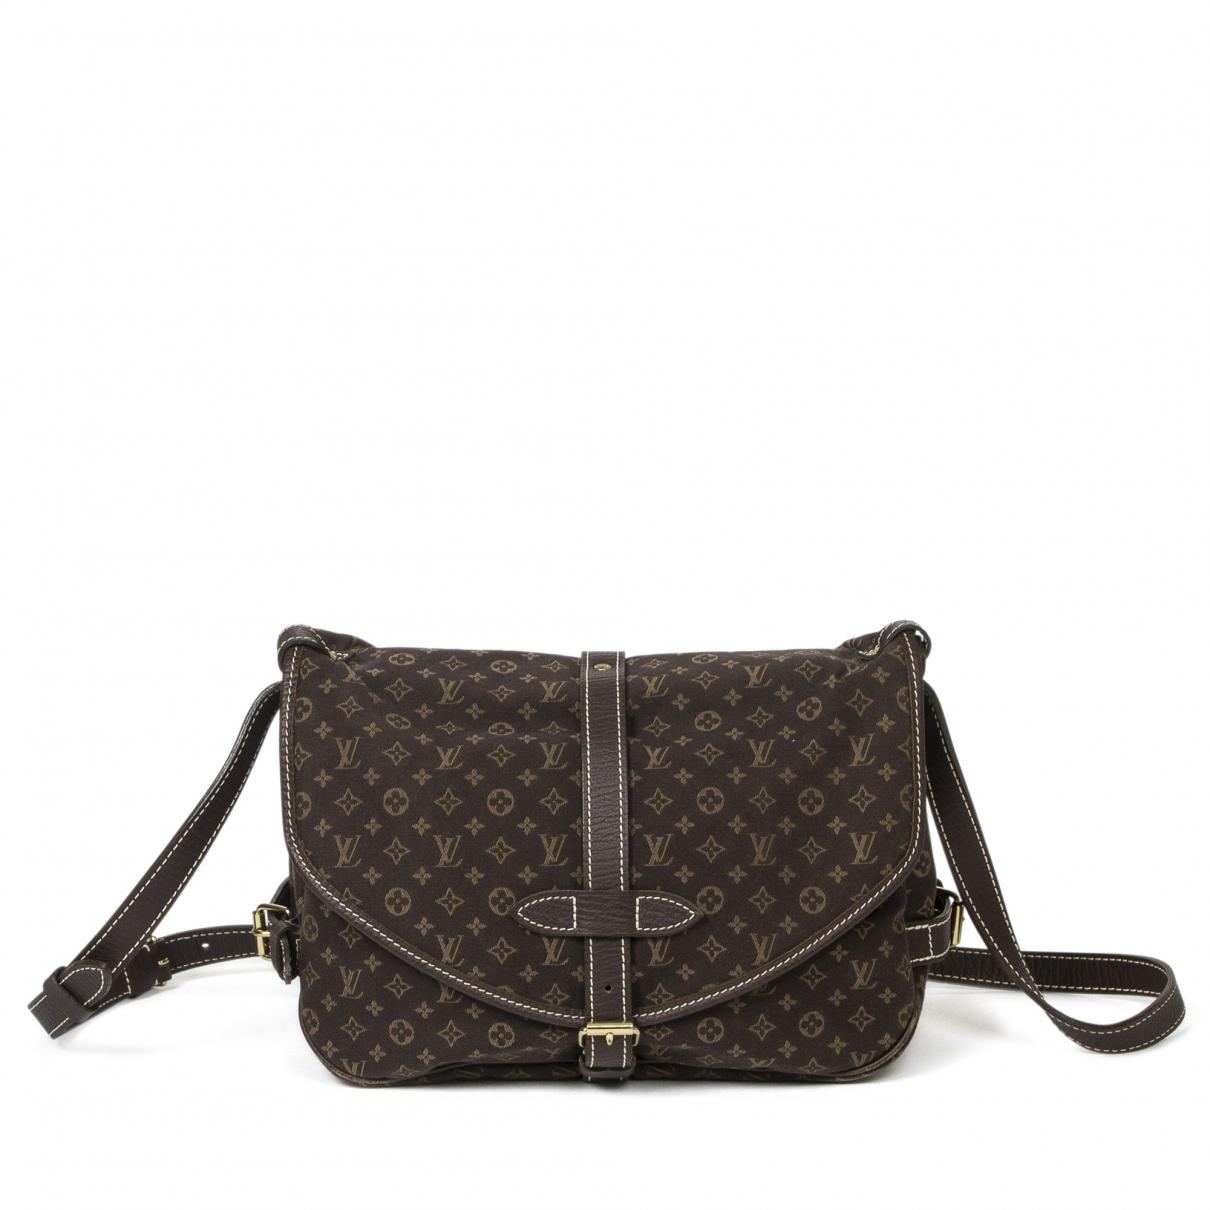 Louis Vuitton Saumur Handtasche in  Braun Baumwolle